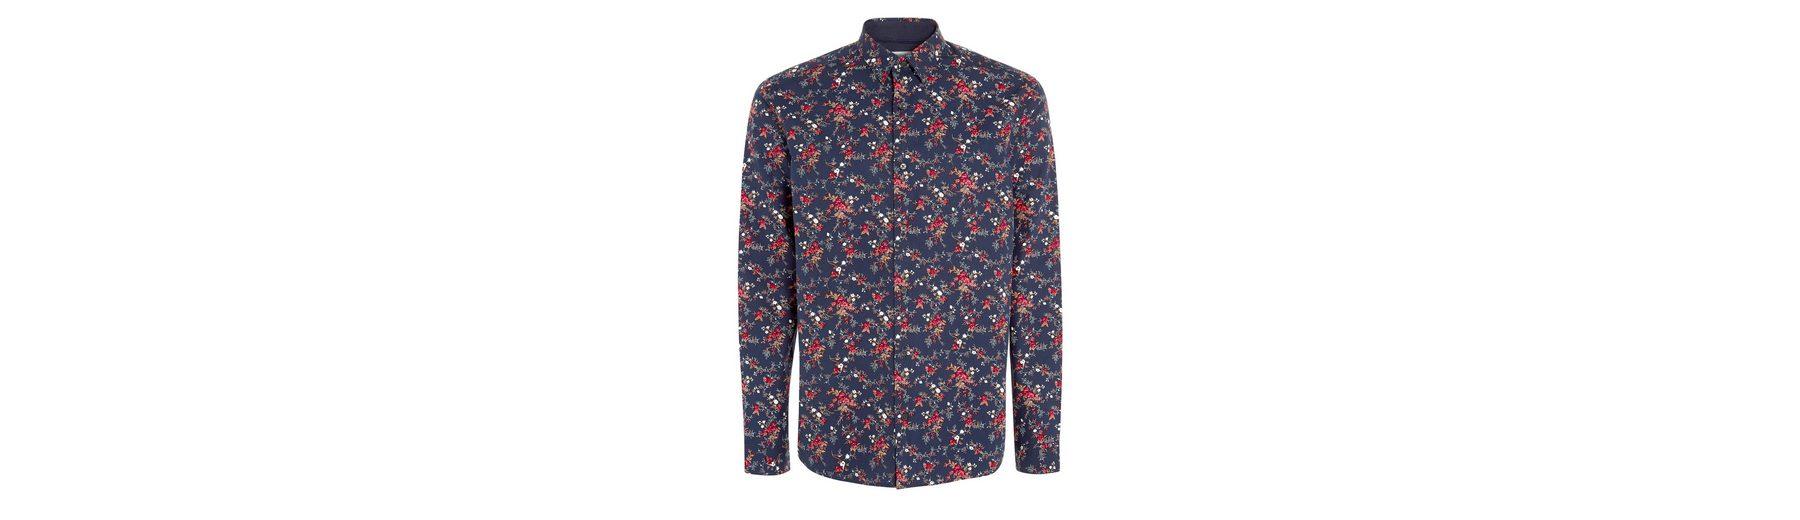 Auslass Besuch Neu Next Langarmhemd mit Blumenmuster Auf Heißen Verkauf Rabatt Kaufen 6RMJQJ3